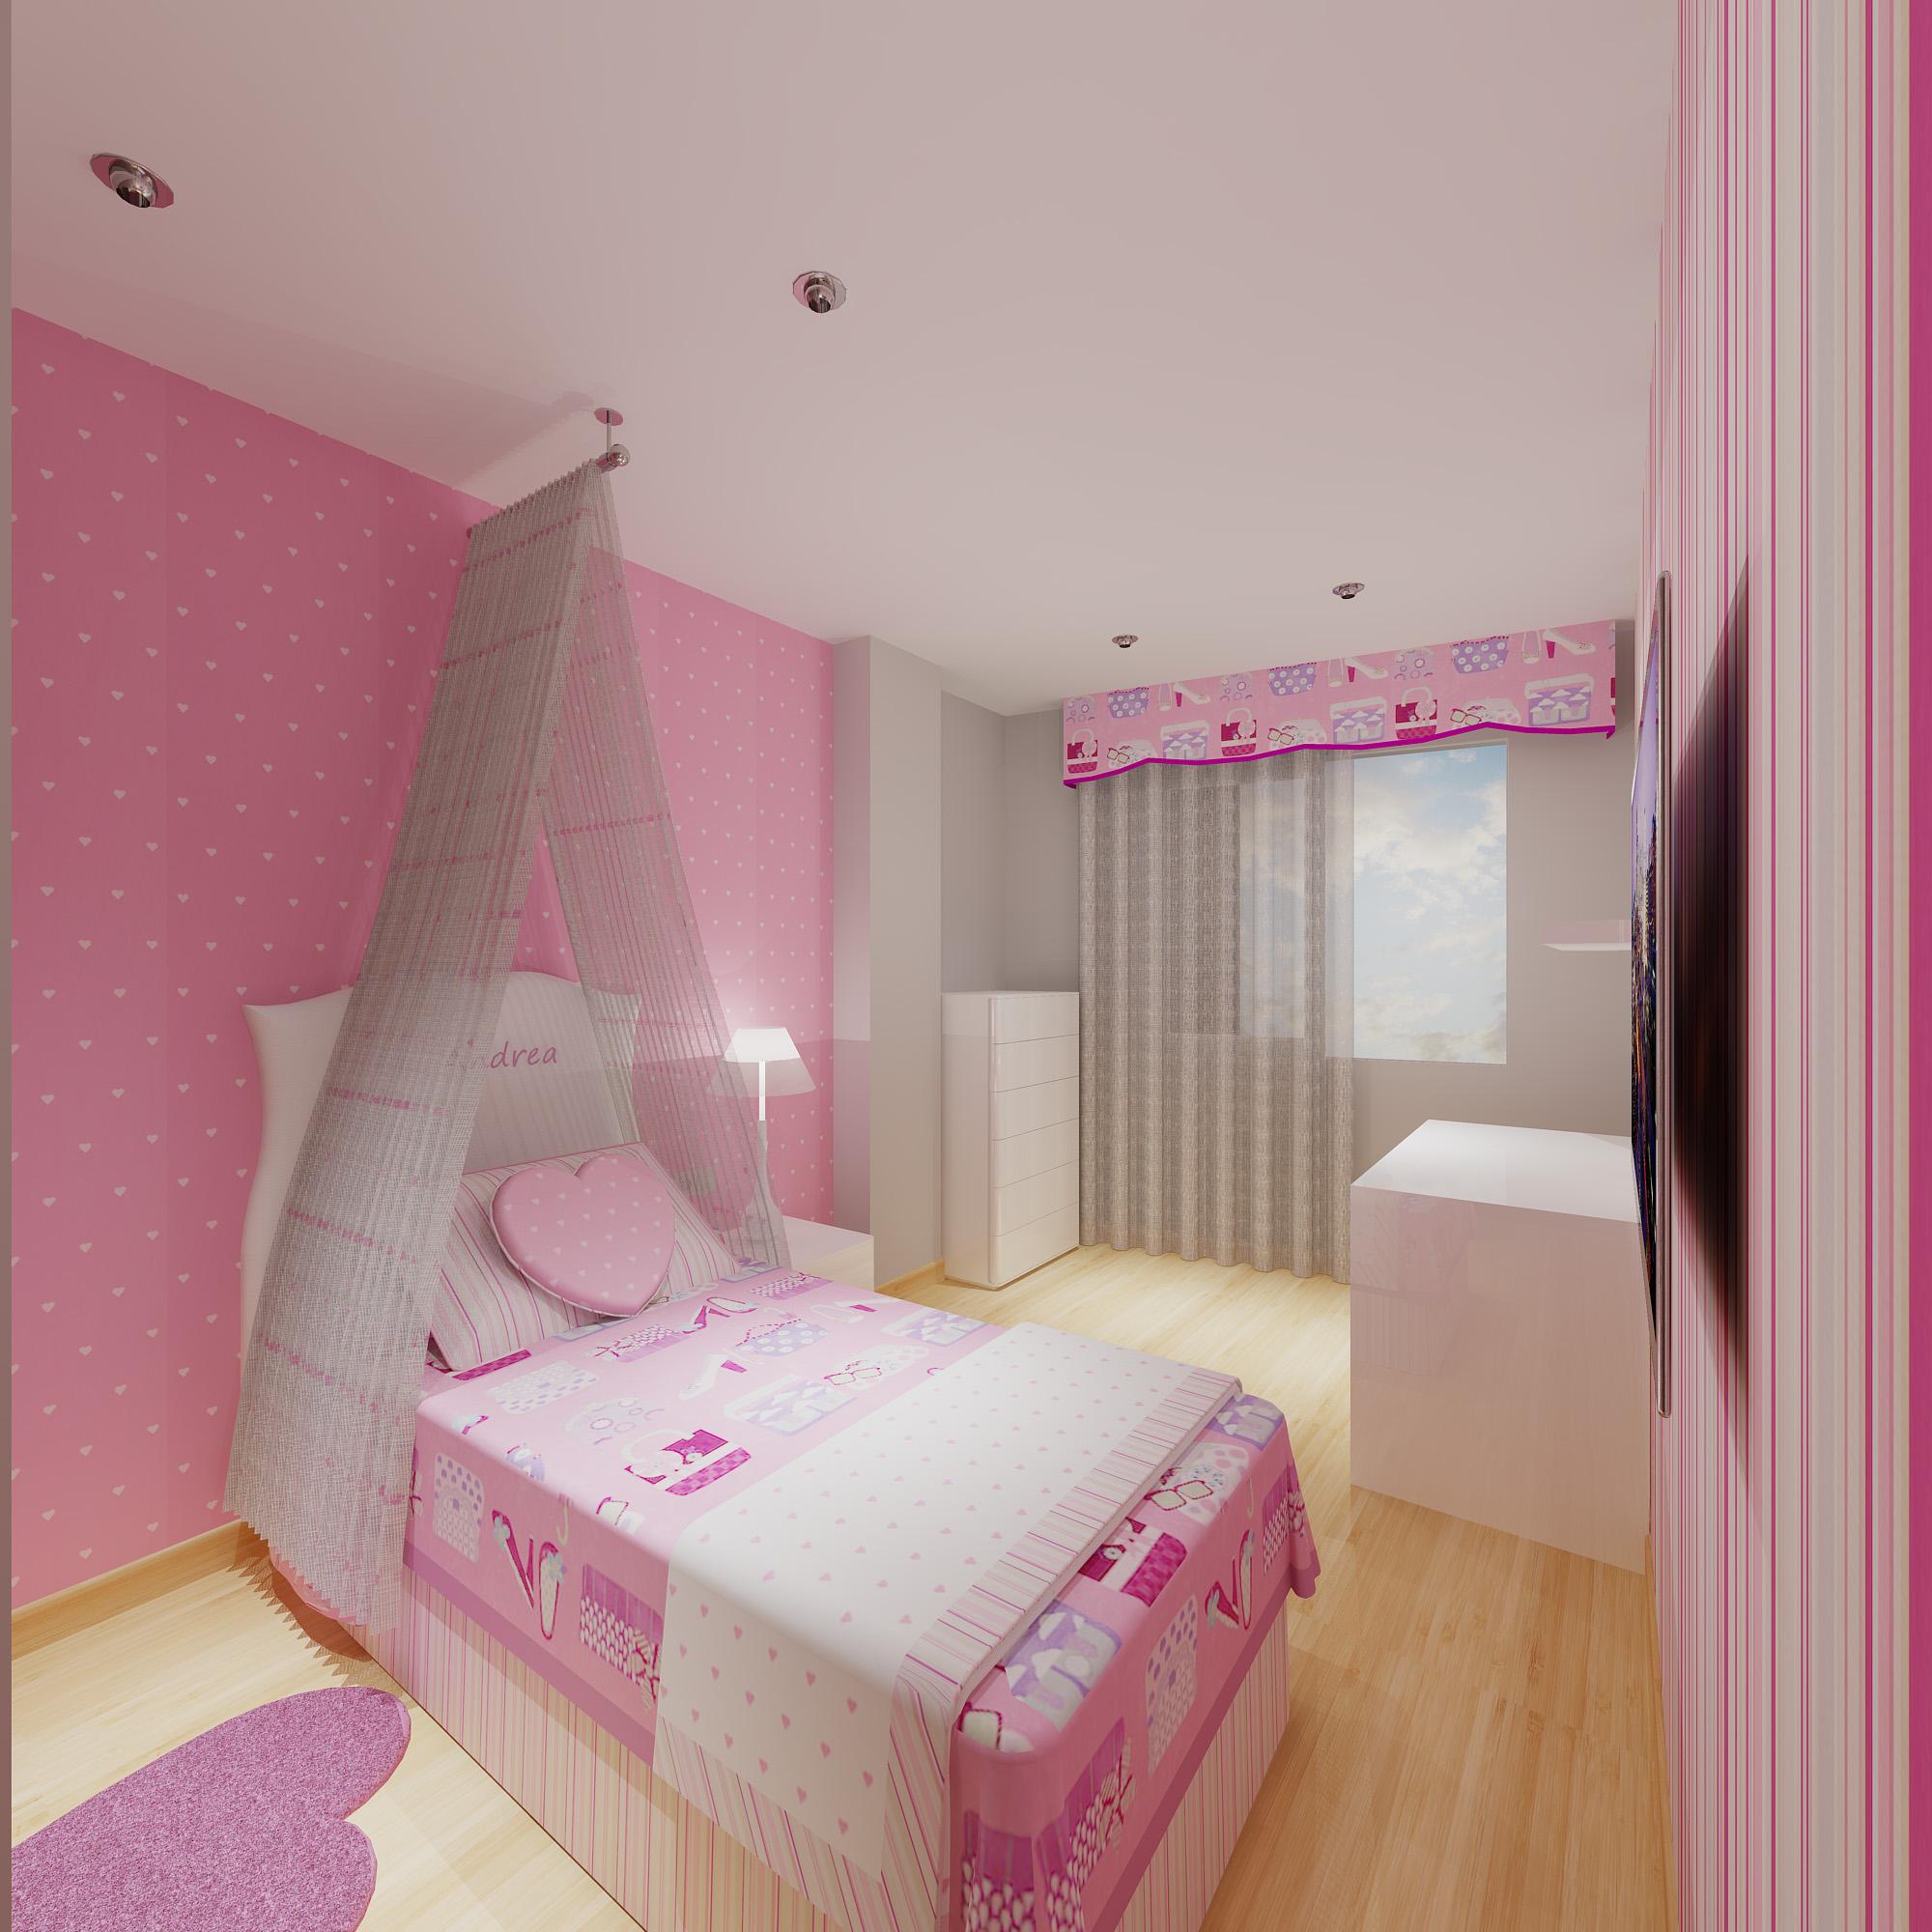 Un proyecto de habitaci n de ni as muy rom ntico for Decoracion sencilla habitacion nina